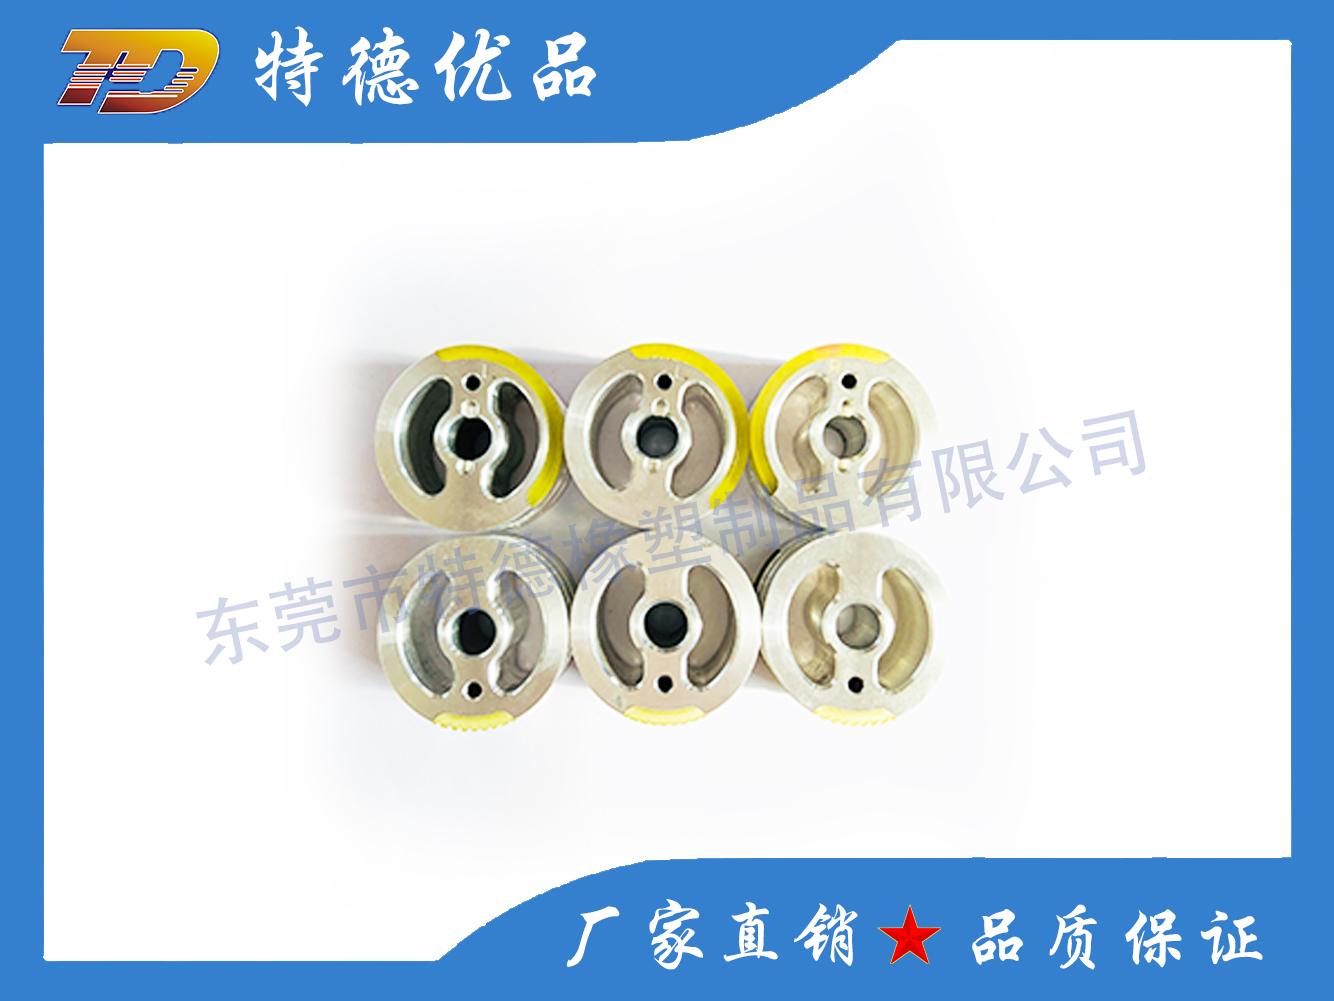 Aluminum core wheel cover